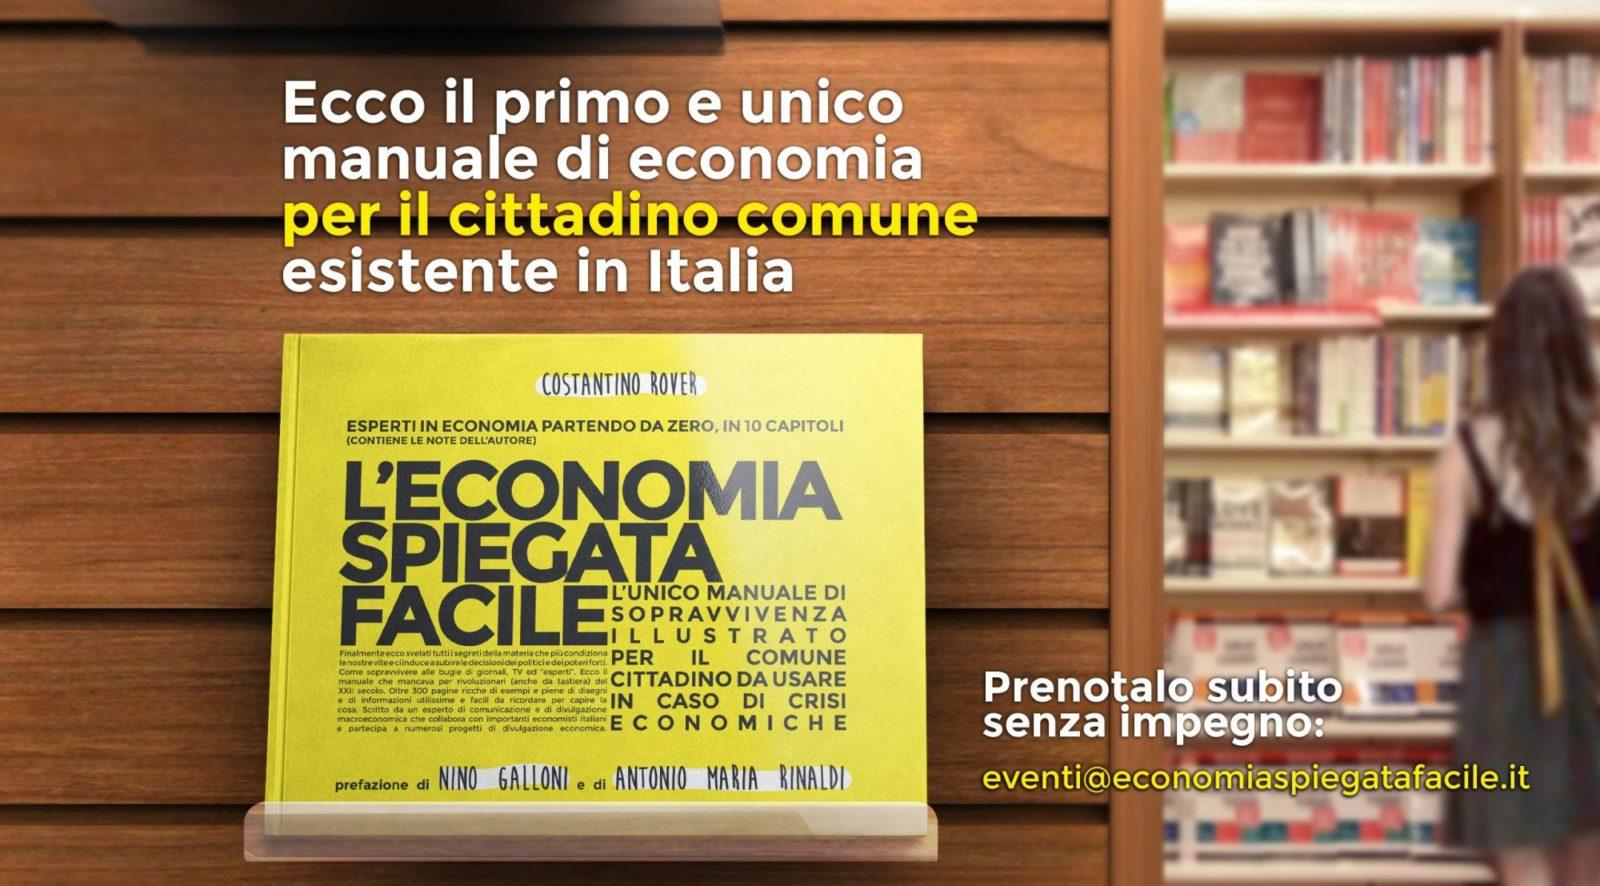 Esce il manuale di Economia Spiegata Facile